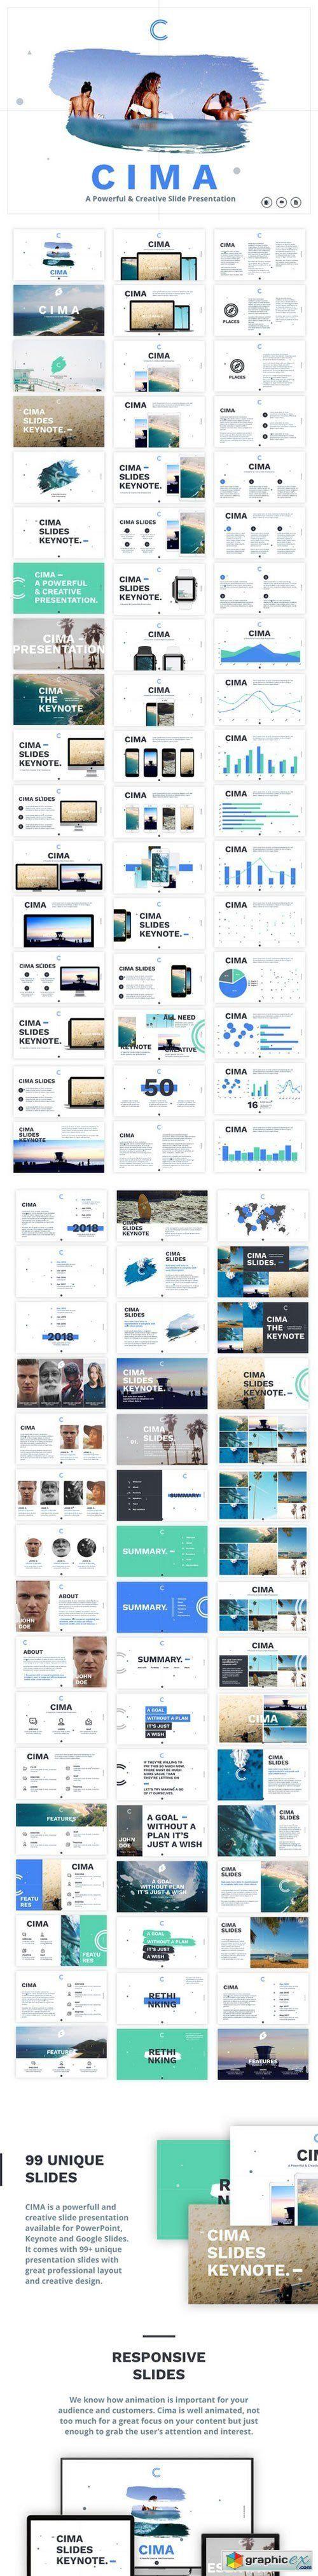 Cima Powerpoint Slides